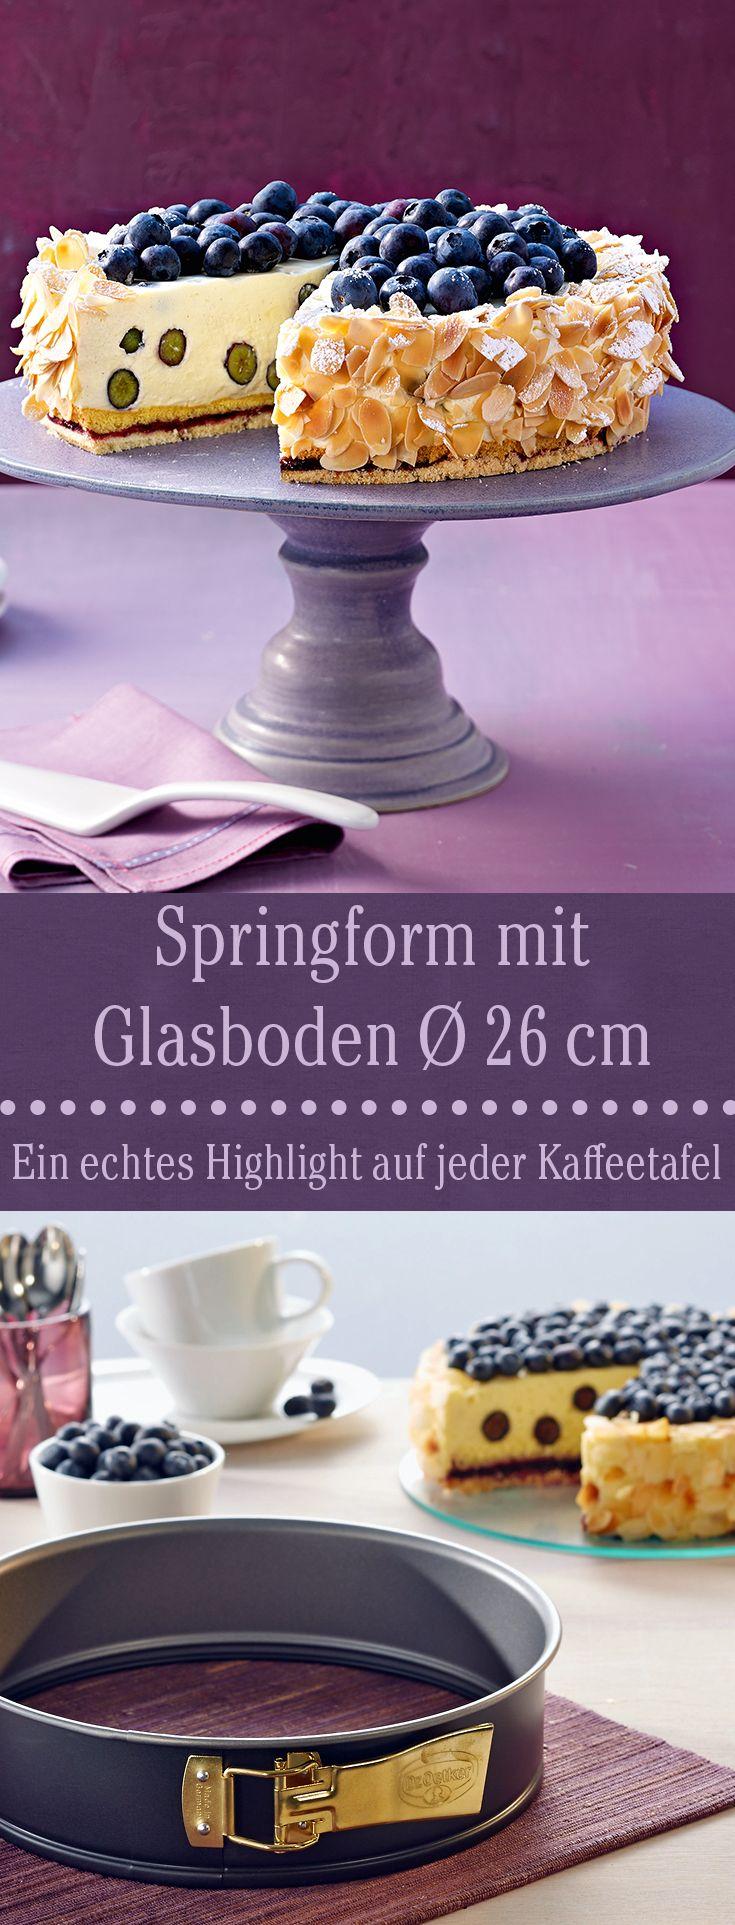 Eine ganz besondere Springform, die durch ihren Glasboden auch auf der Kaffeetafel ein echter Hingucker ist.